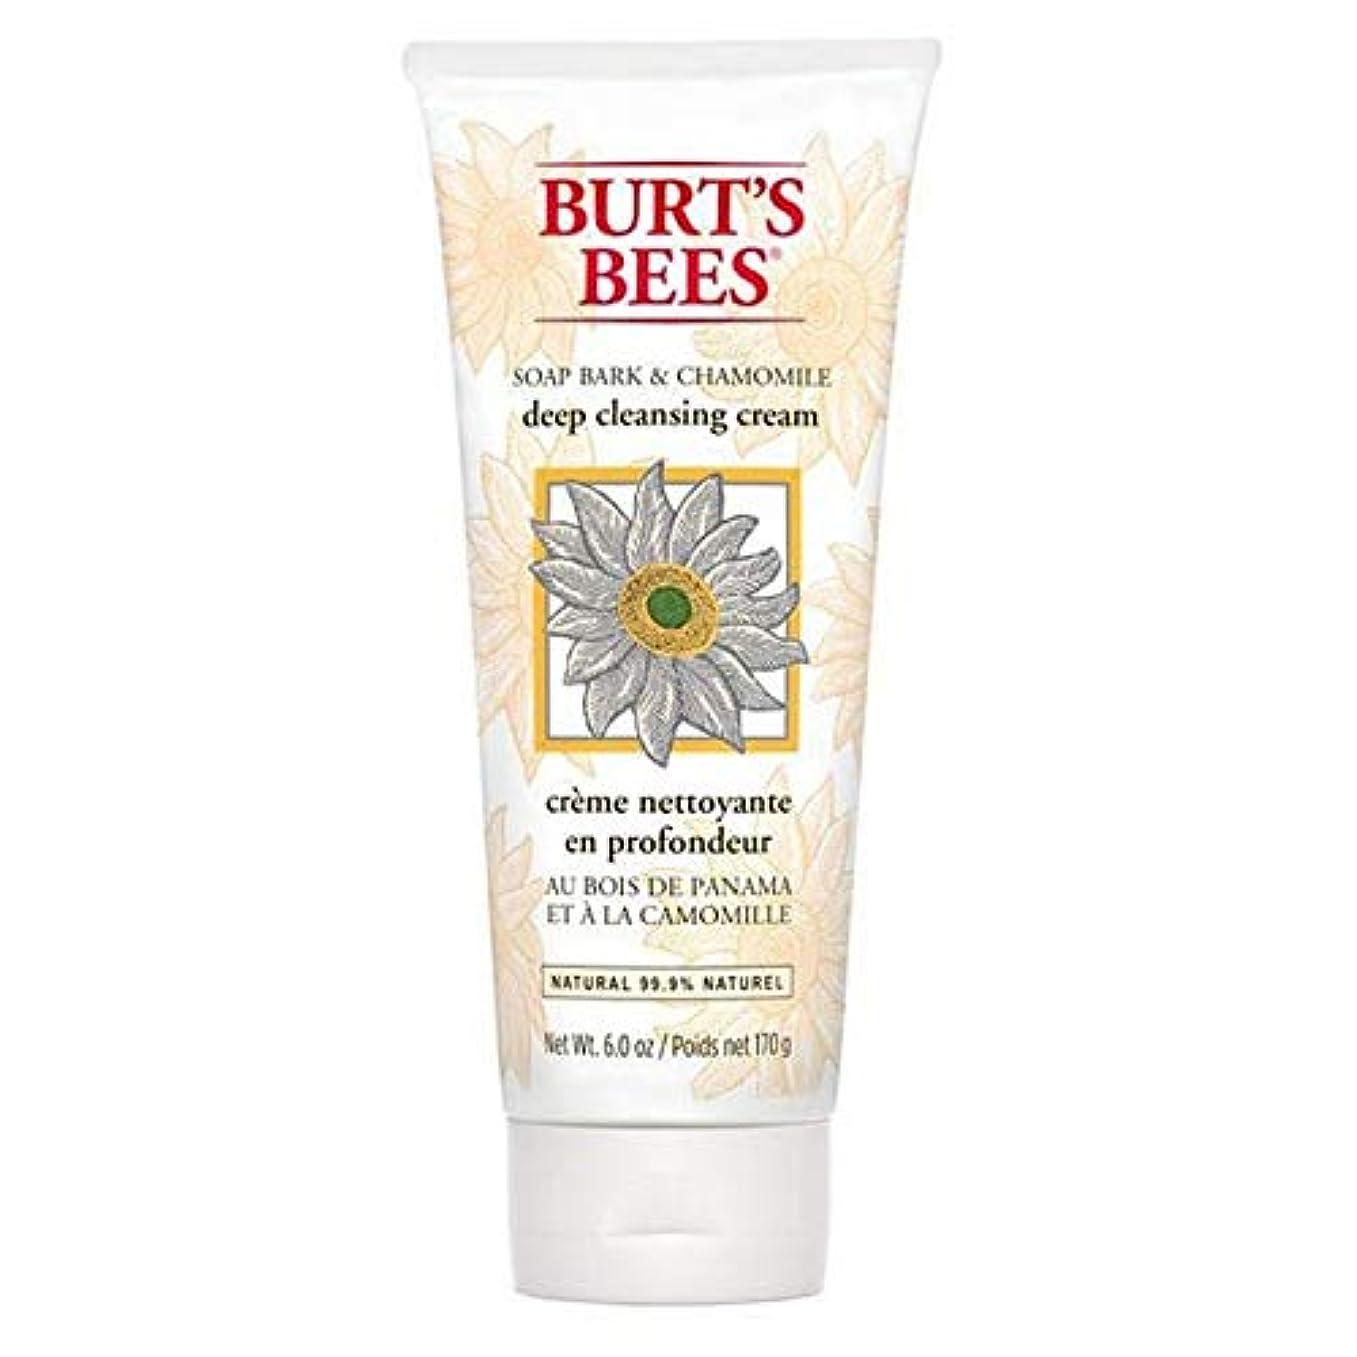 線連結するダニ[Burt's Bees ] バーツビー石鹸樹皮&カモミールディープクレンジングクリーム170グラム - Burt's Bees Soap Bark & Chamomile Deep Cleansing Cream 170g...